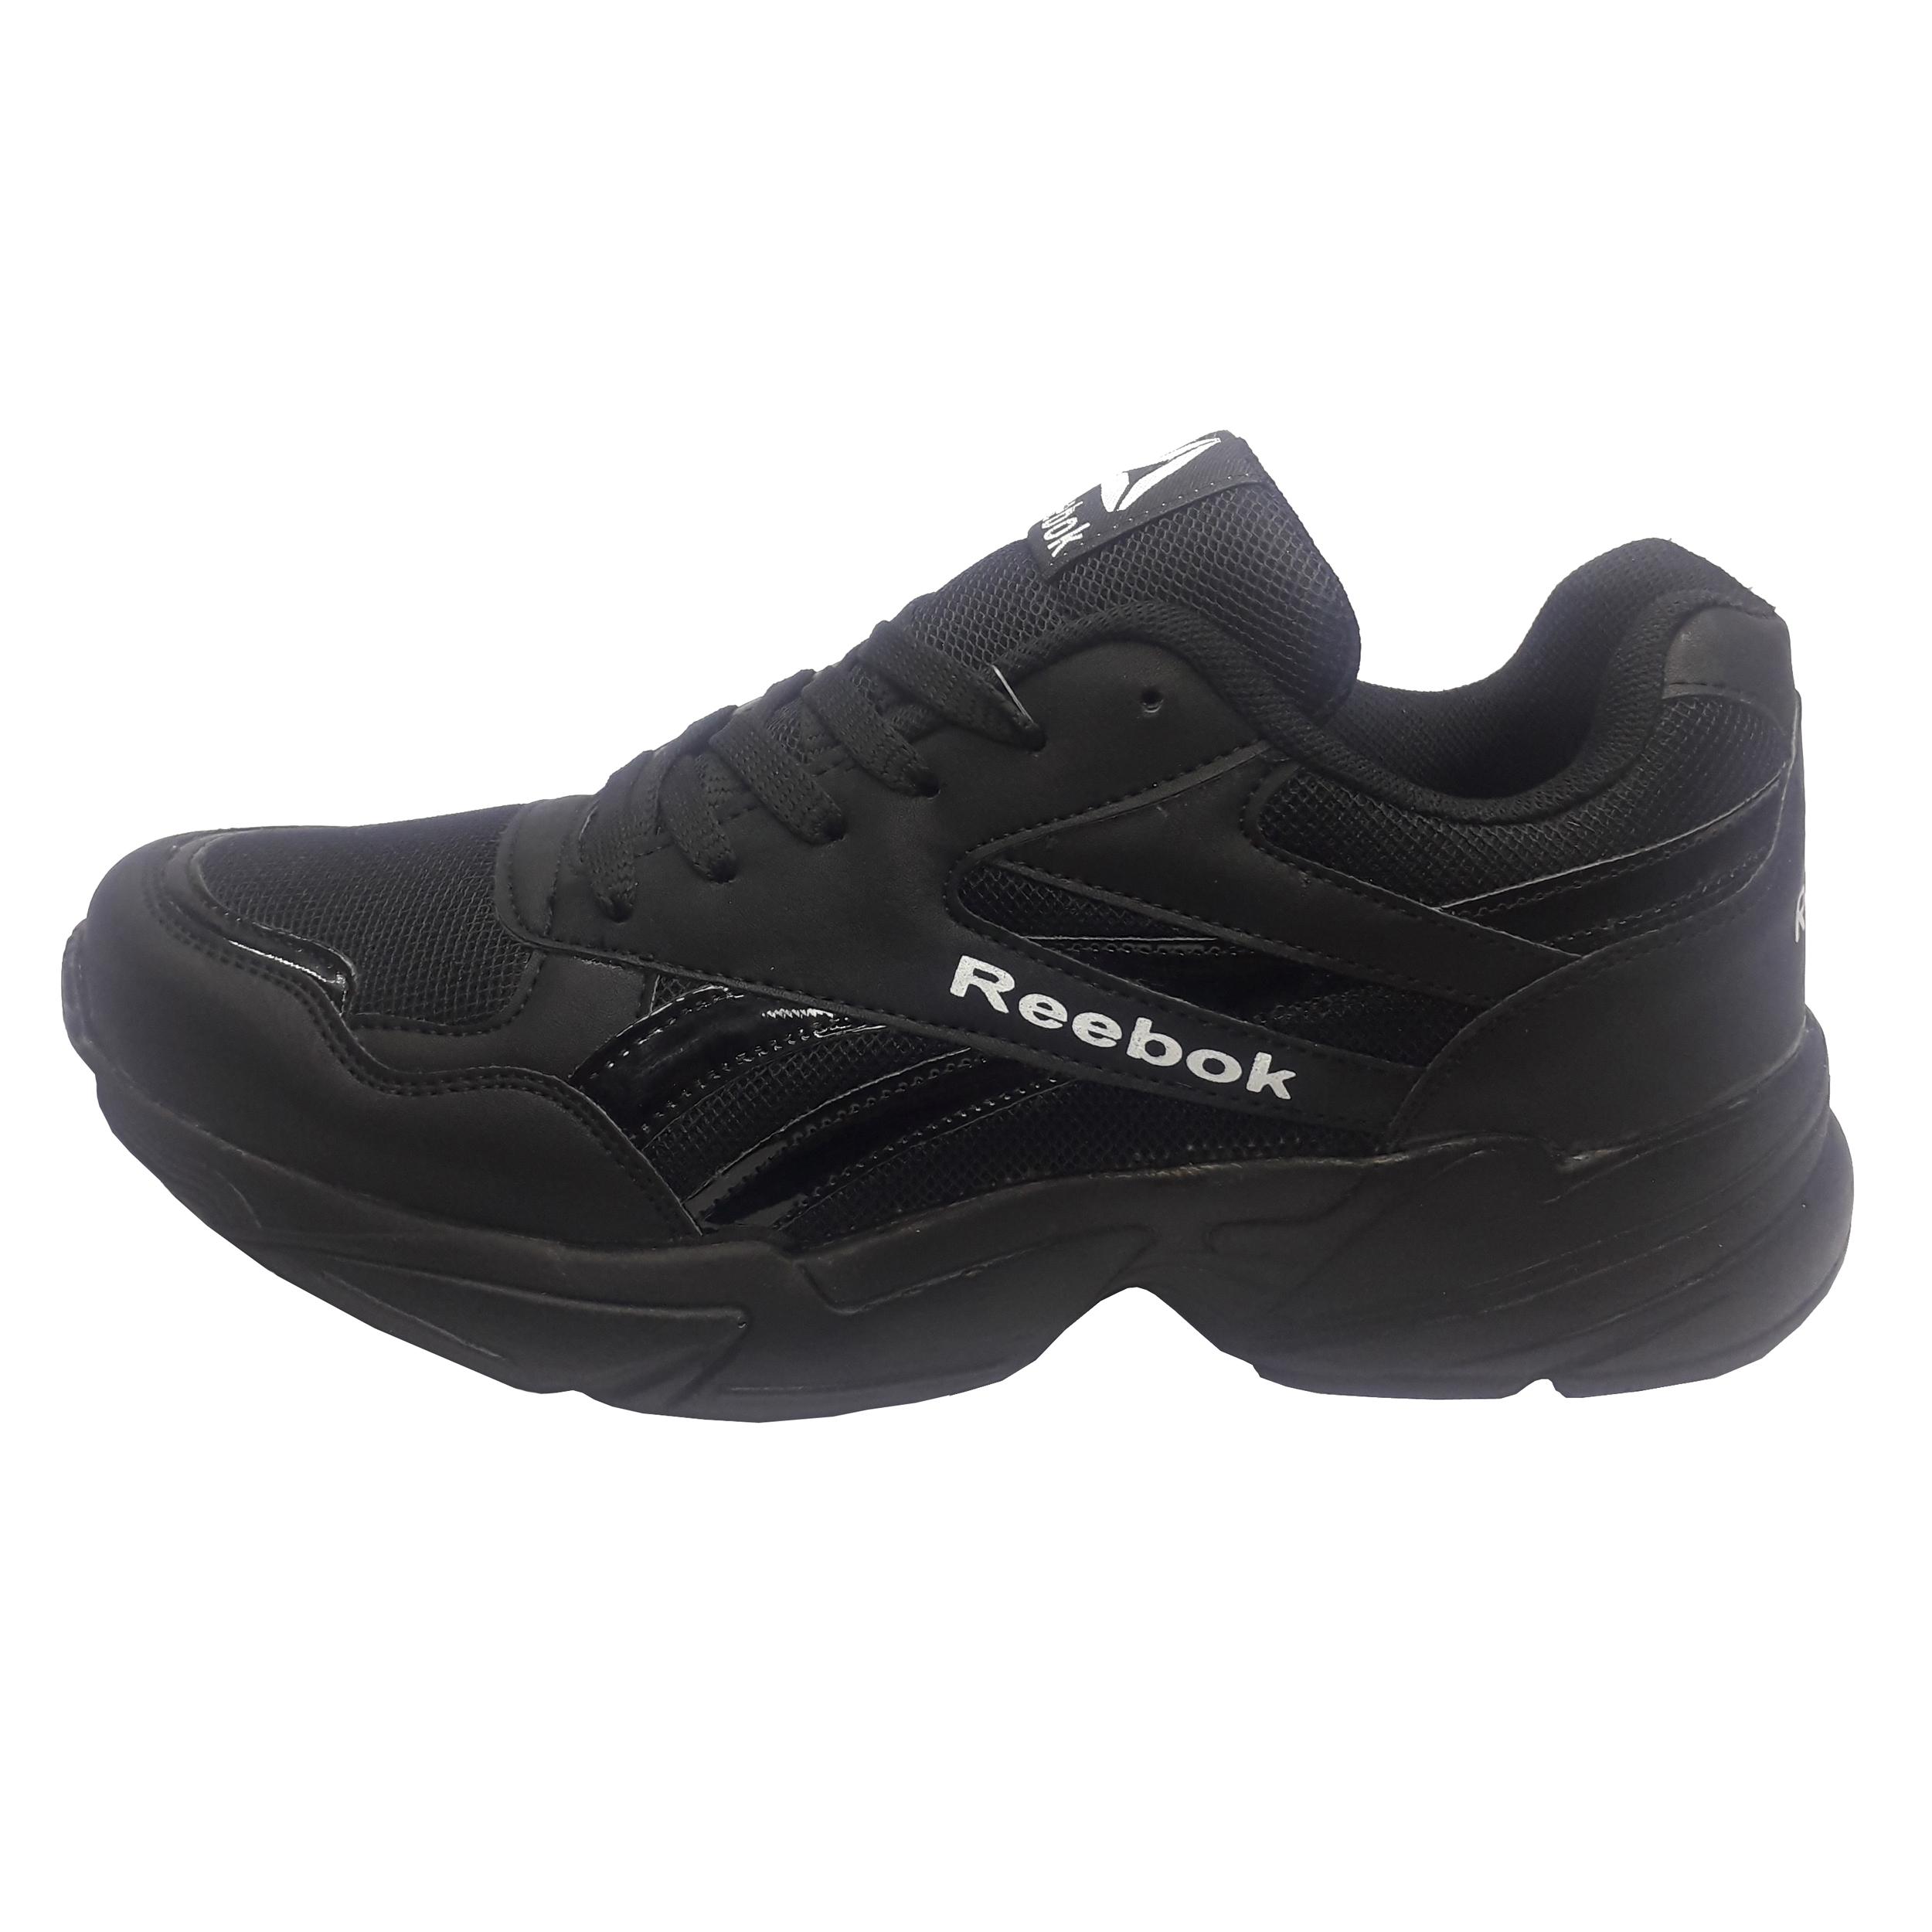 خرید                                      کفش پیاده روی مدل RB                      غیر اصل